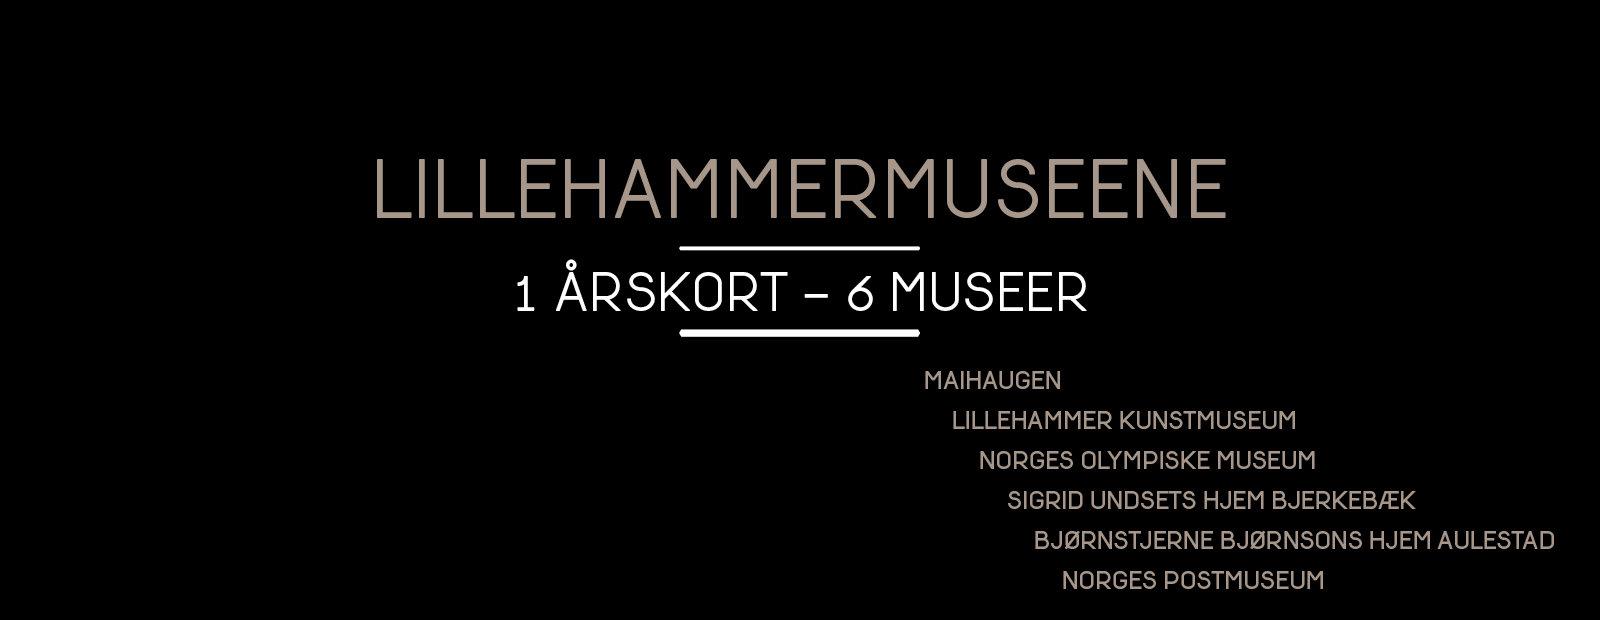 Plakat med teksten: Lillehammermuseene. 1 årskort – 6 museer. Maihaugen, Lillehammer Kunstmuseum, Norges Olympiske Museum, Sigrid Undsets hjem Bjerkebæk, Bjørnstjerne Bjørnsons hjem Aulestad og Norges Postmuseum.